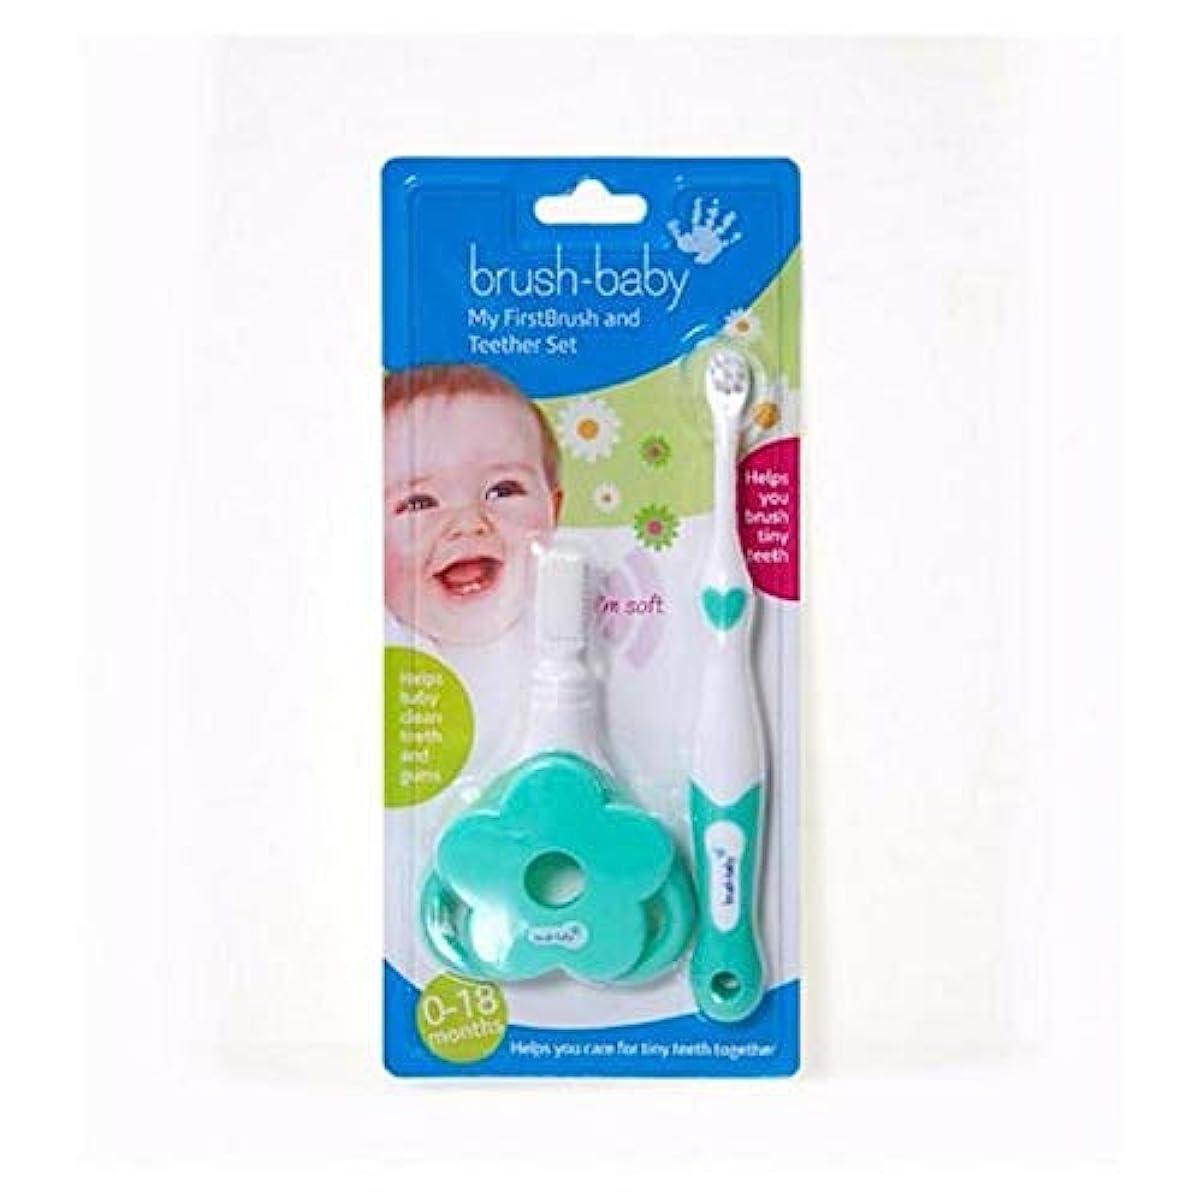 故障中平方ホテル[Brush-Baby ] ブラシ赤ちゃんが私のFirstbrush&おしゃぶりはパックごとに2を設定します - Brush-Baby My FirstBrush & Teether Set 2 per pack [並行輸入品]